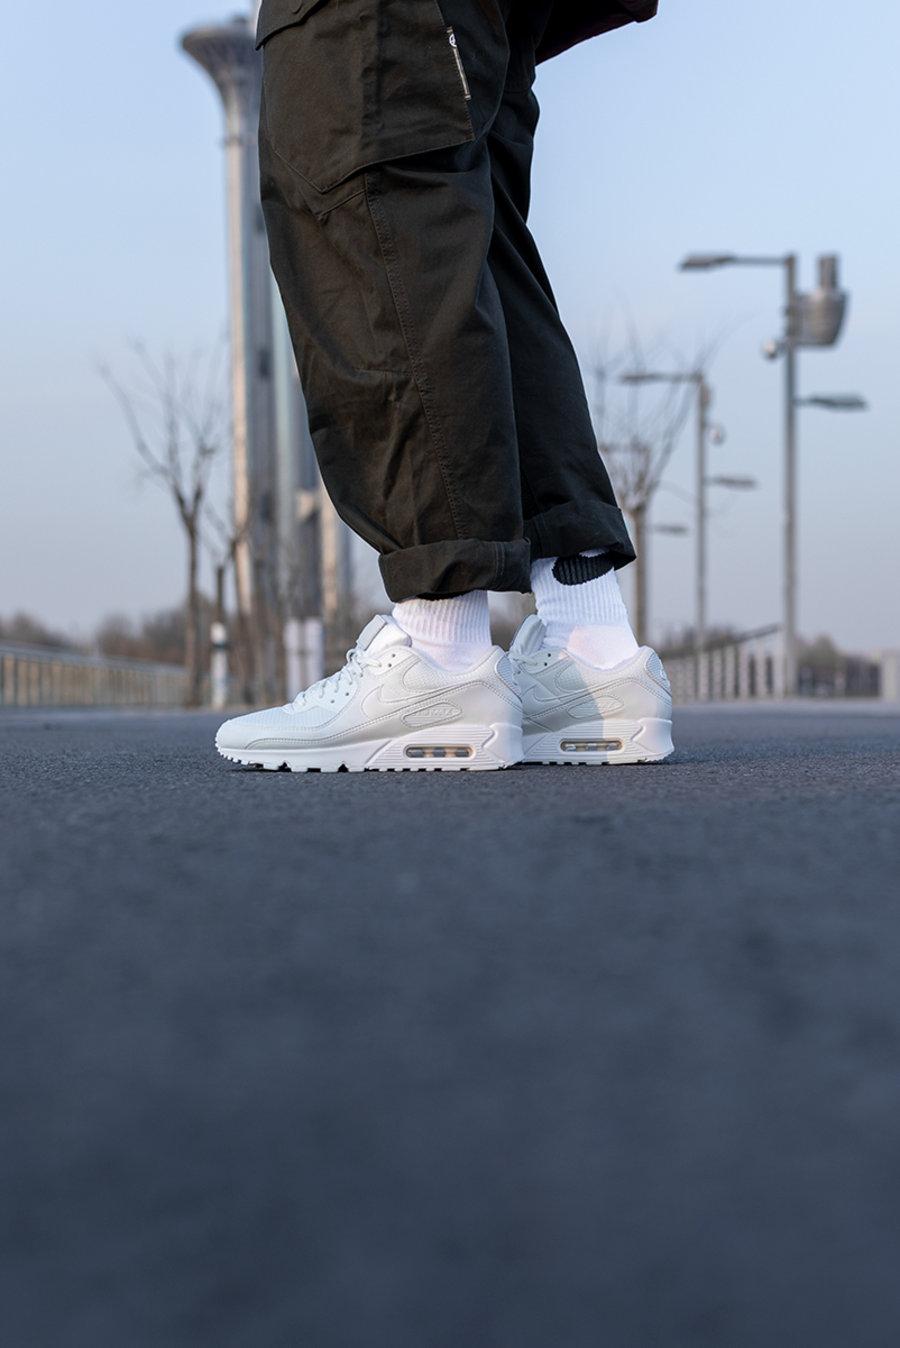 Nike,Air Max 90,NRG,CT2007-100 火了三十年!这双比 AJ11 还圈粉的经典球鞋,上脚一定不能脏!